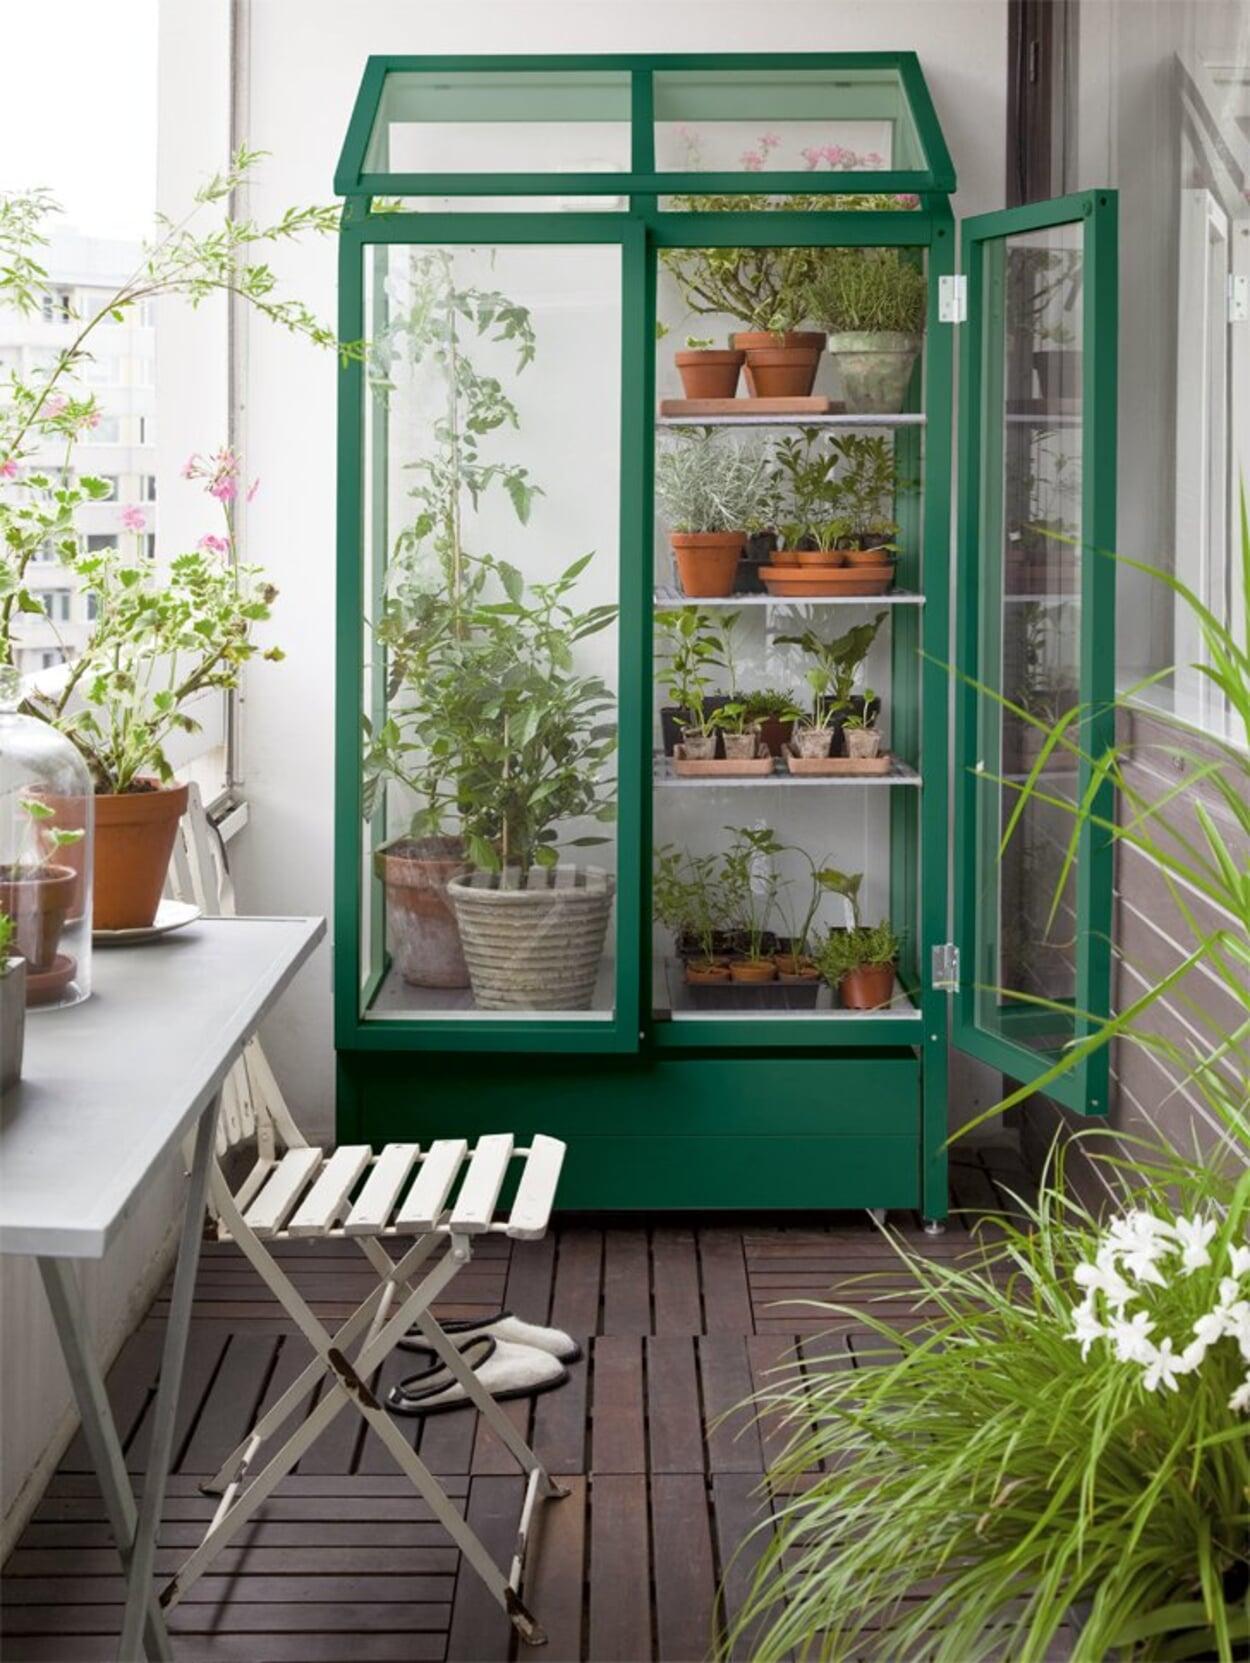 Kleines Gewächshaus für die Pflanzenanzucht auf dem Balkon